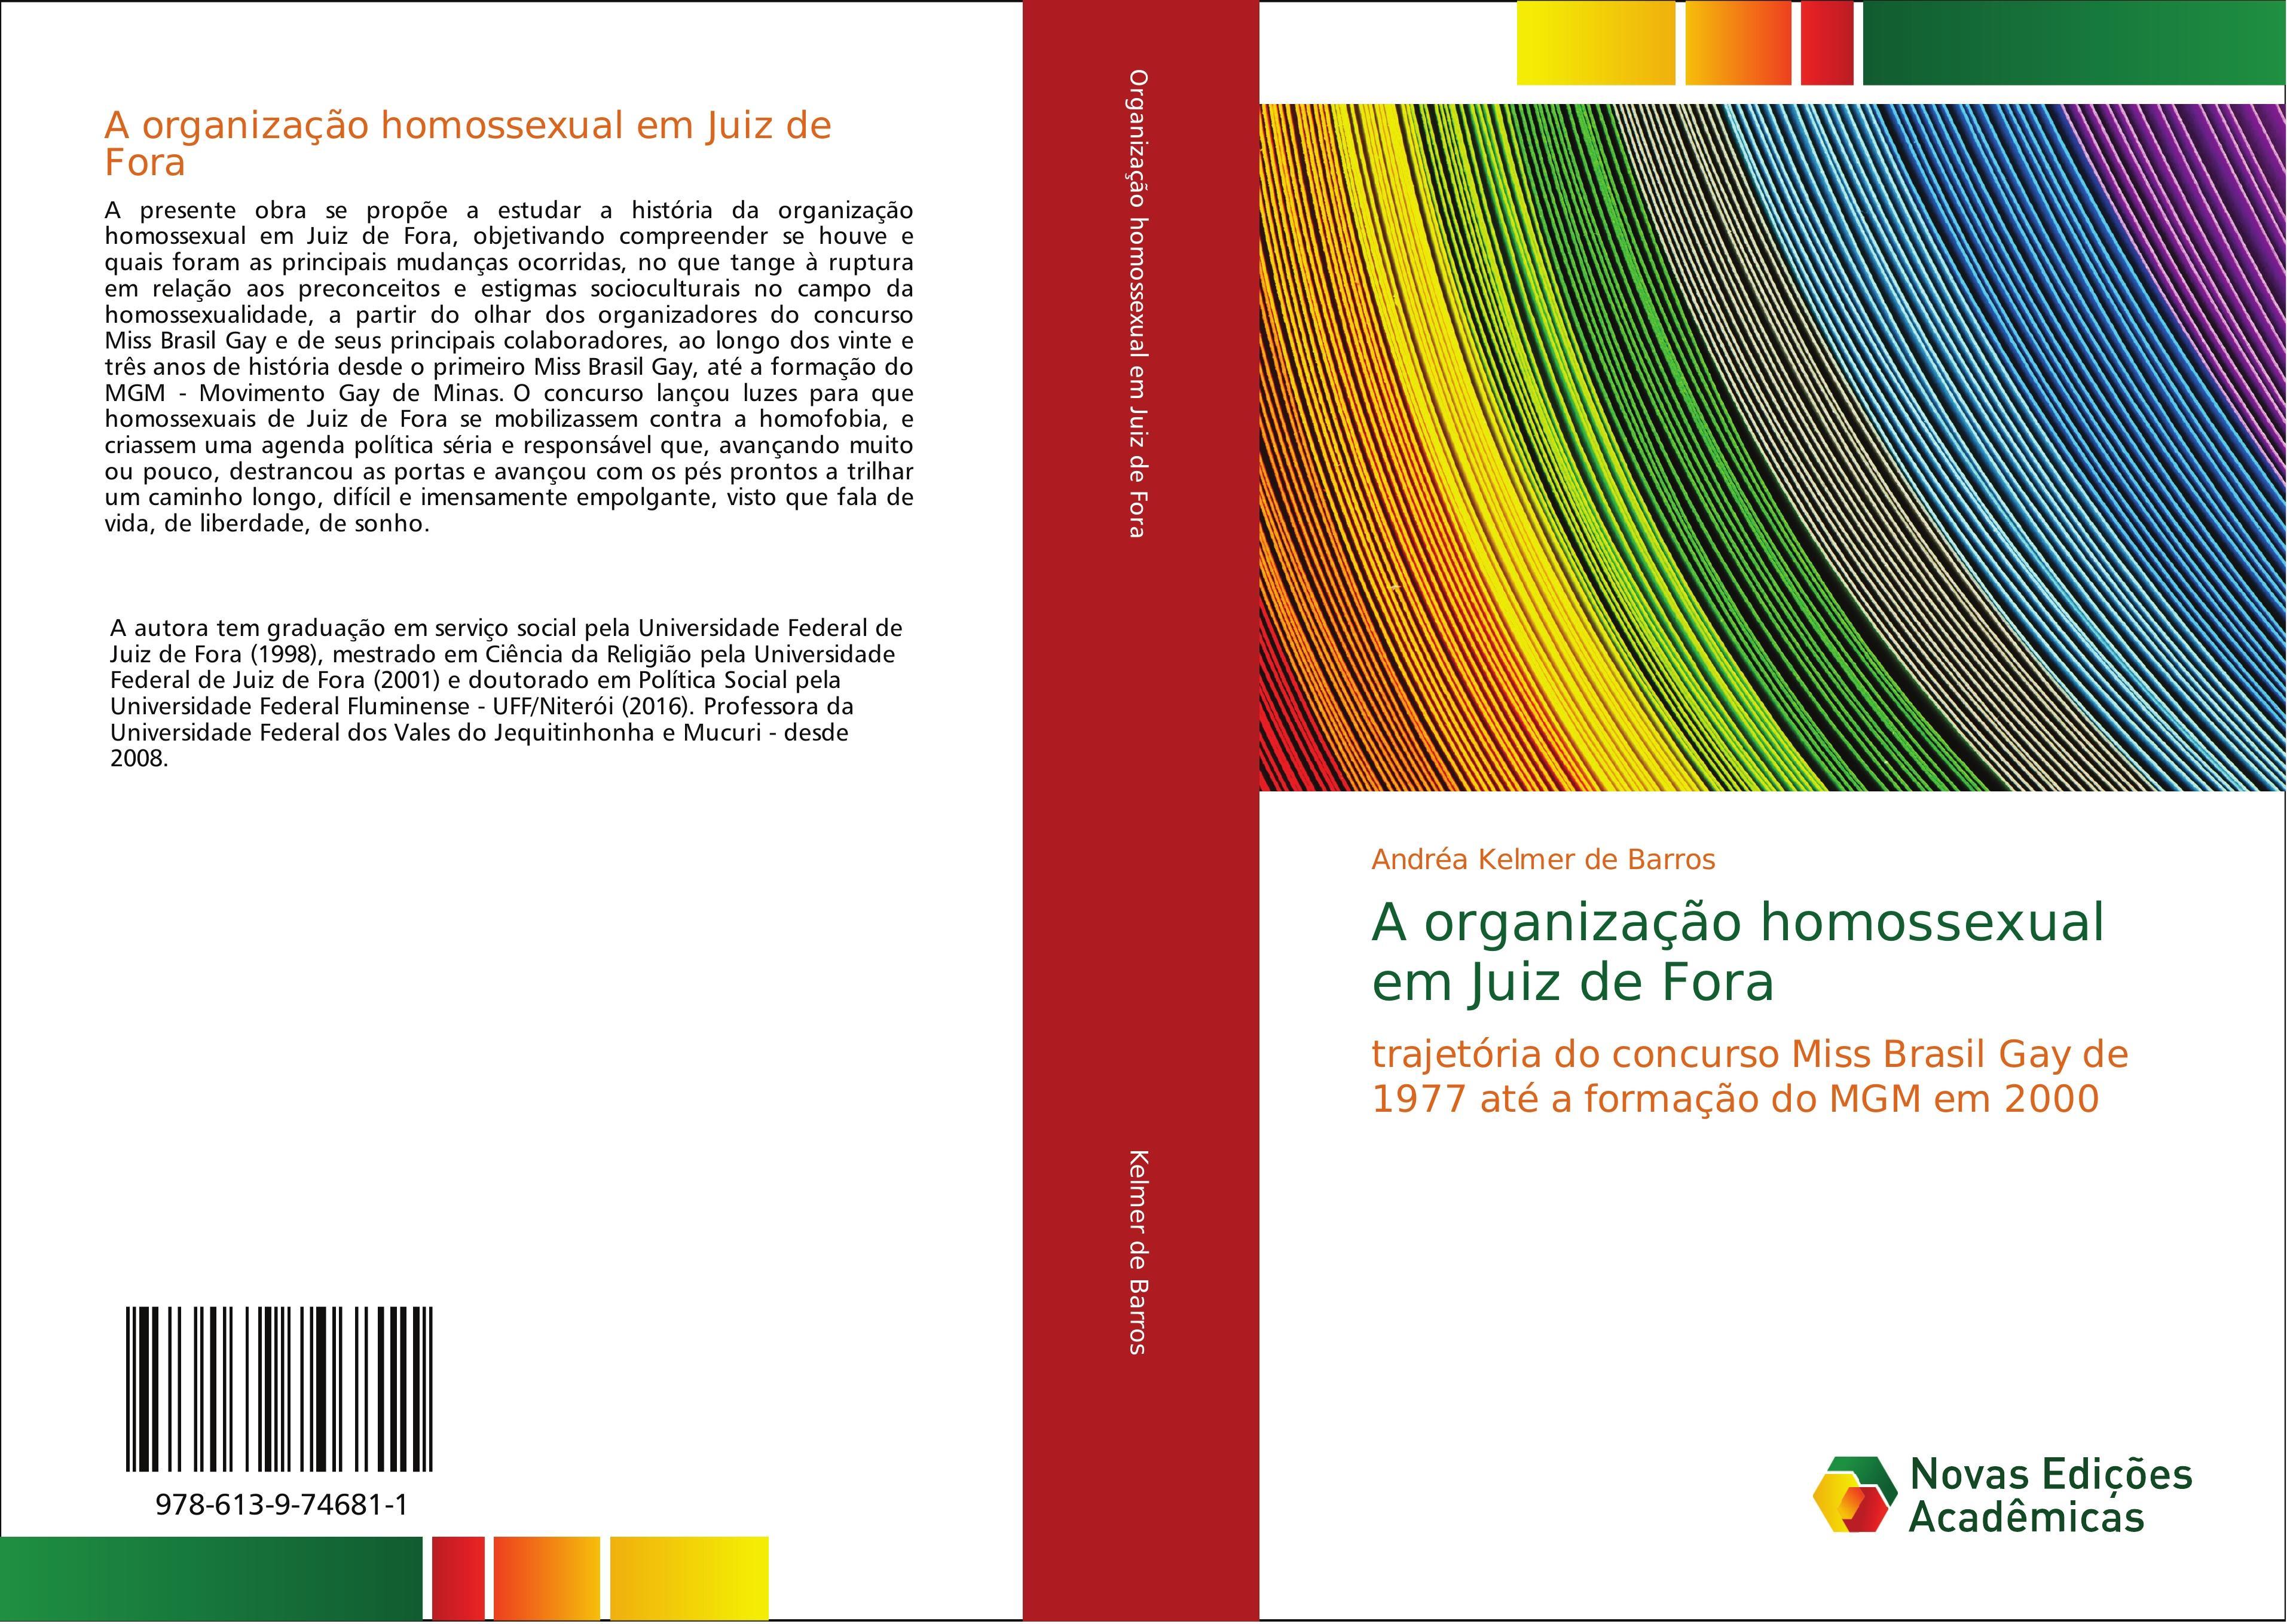 A organização homossexual em Juiz de Fora